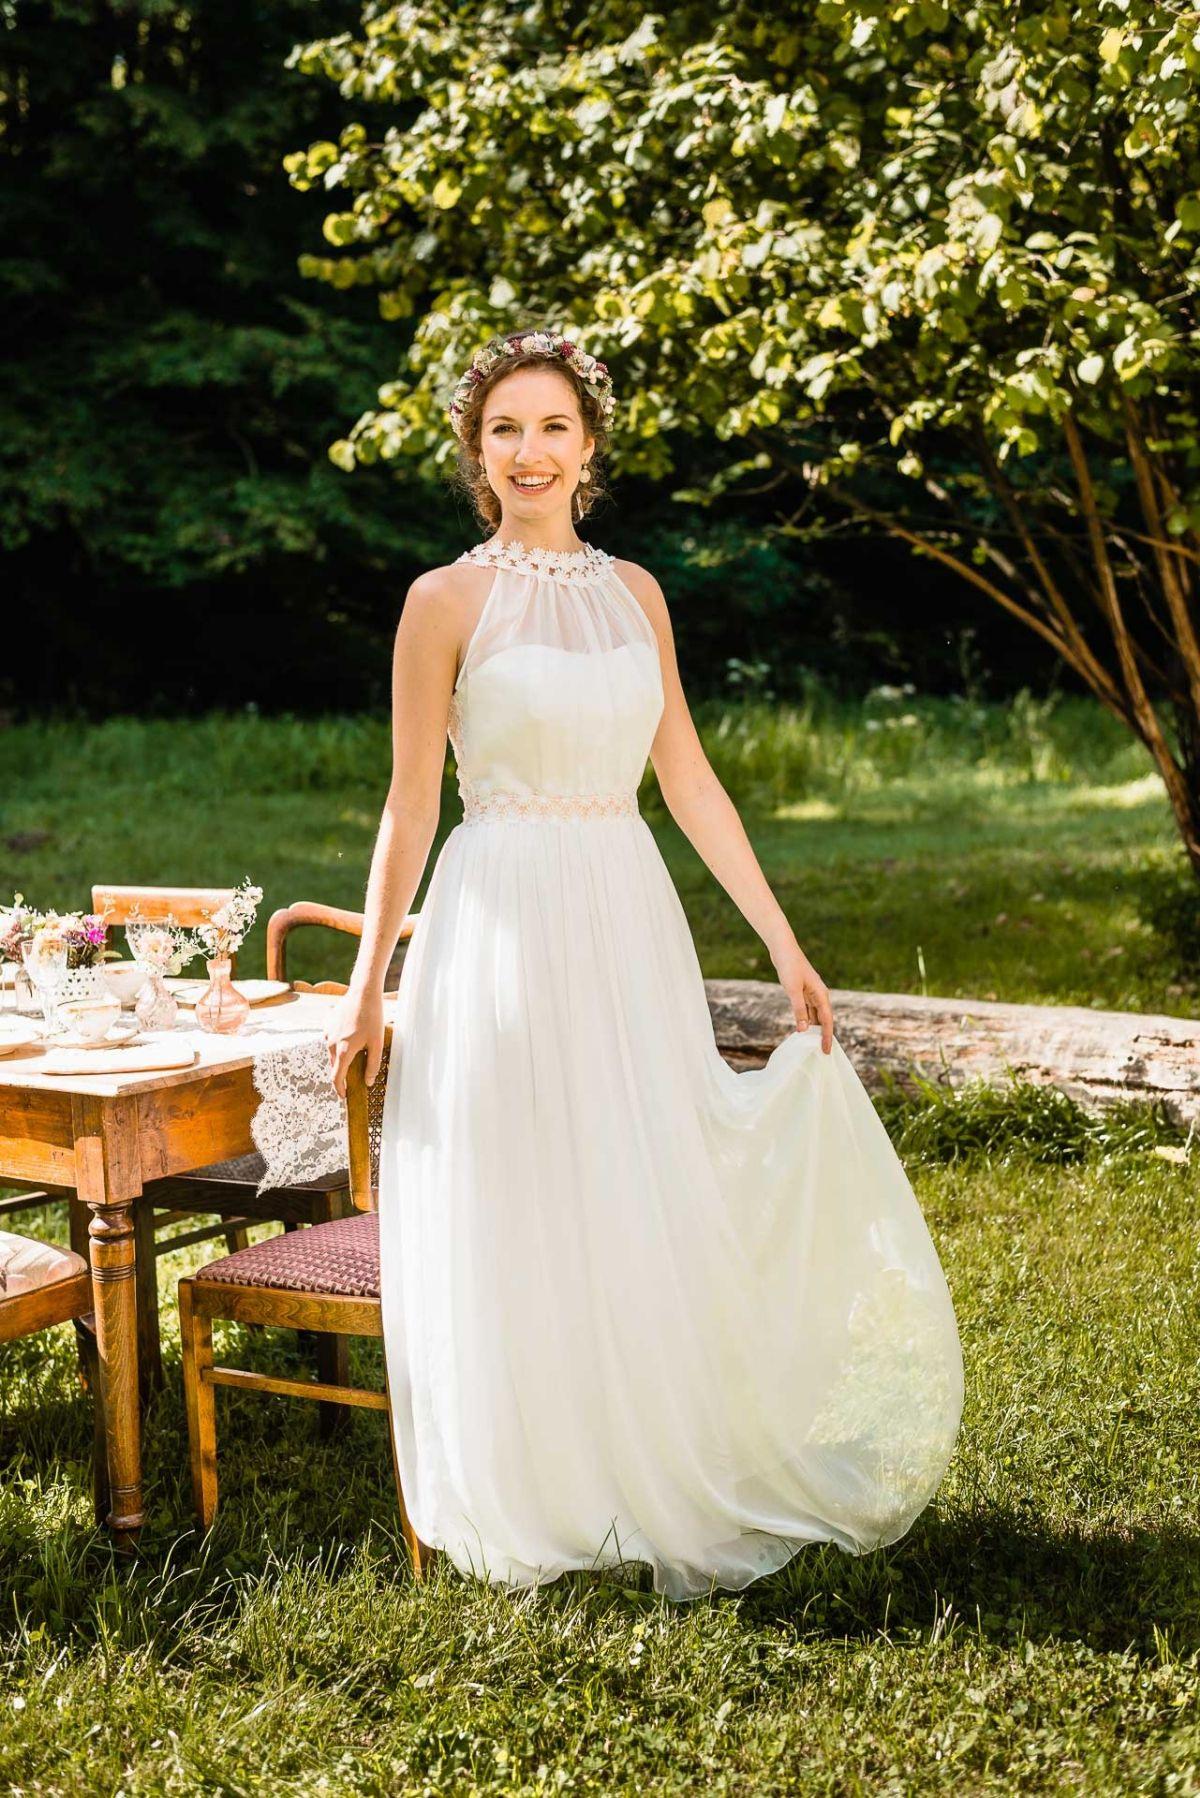 Abend Elegant Ausgefallene Brautkleider Stylish10 Genial Ausgefallene Brautkleider Design